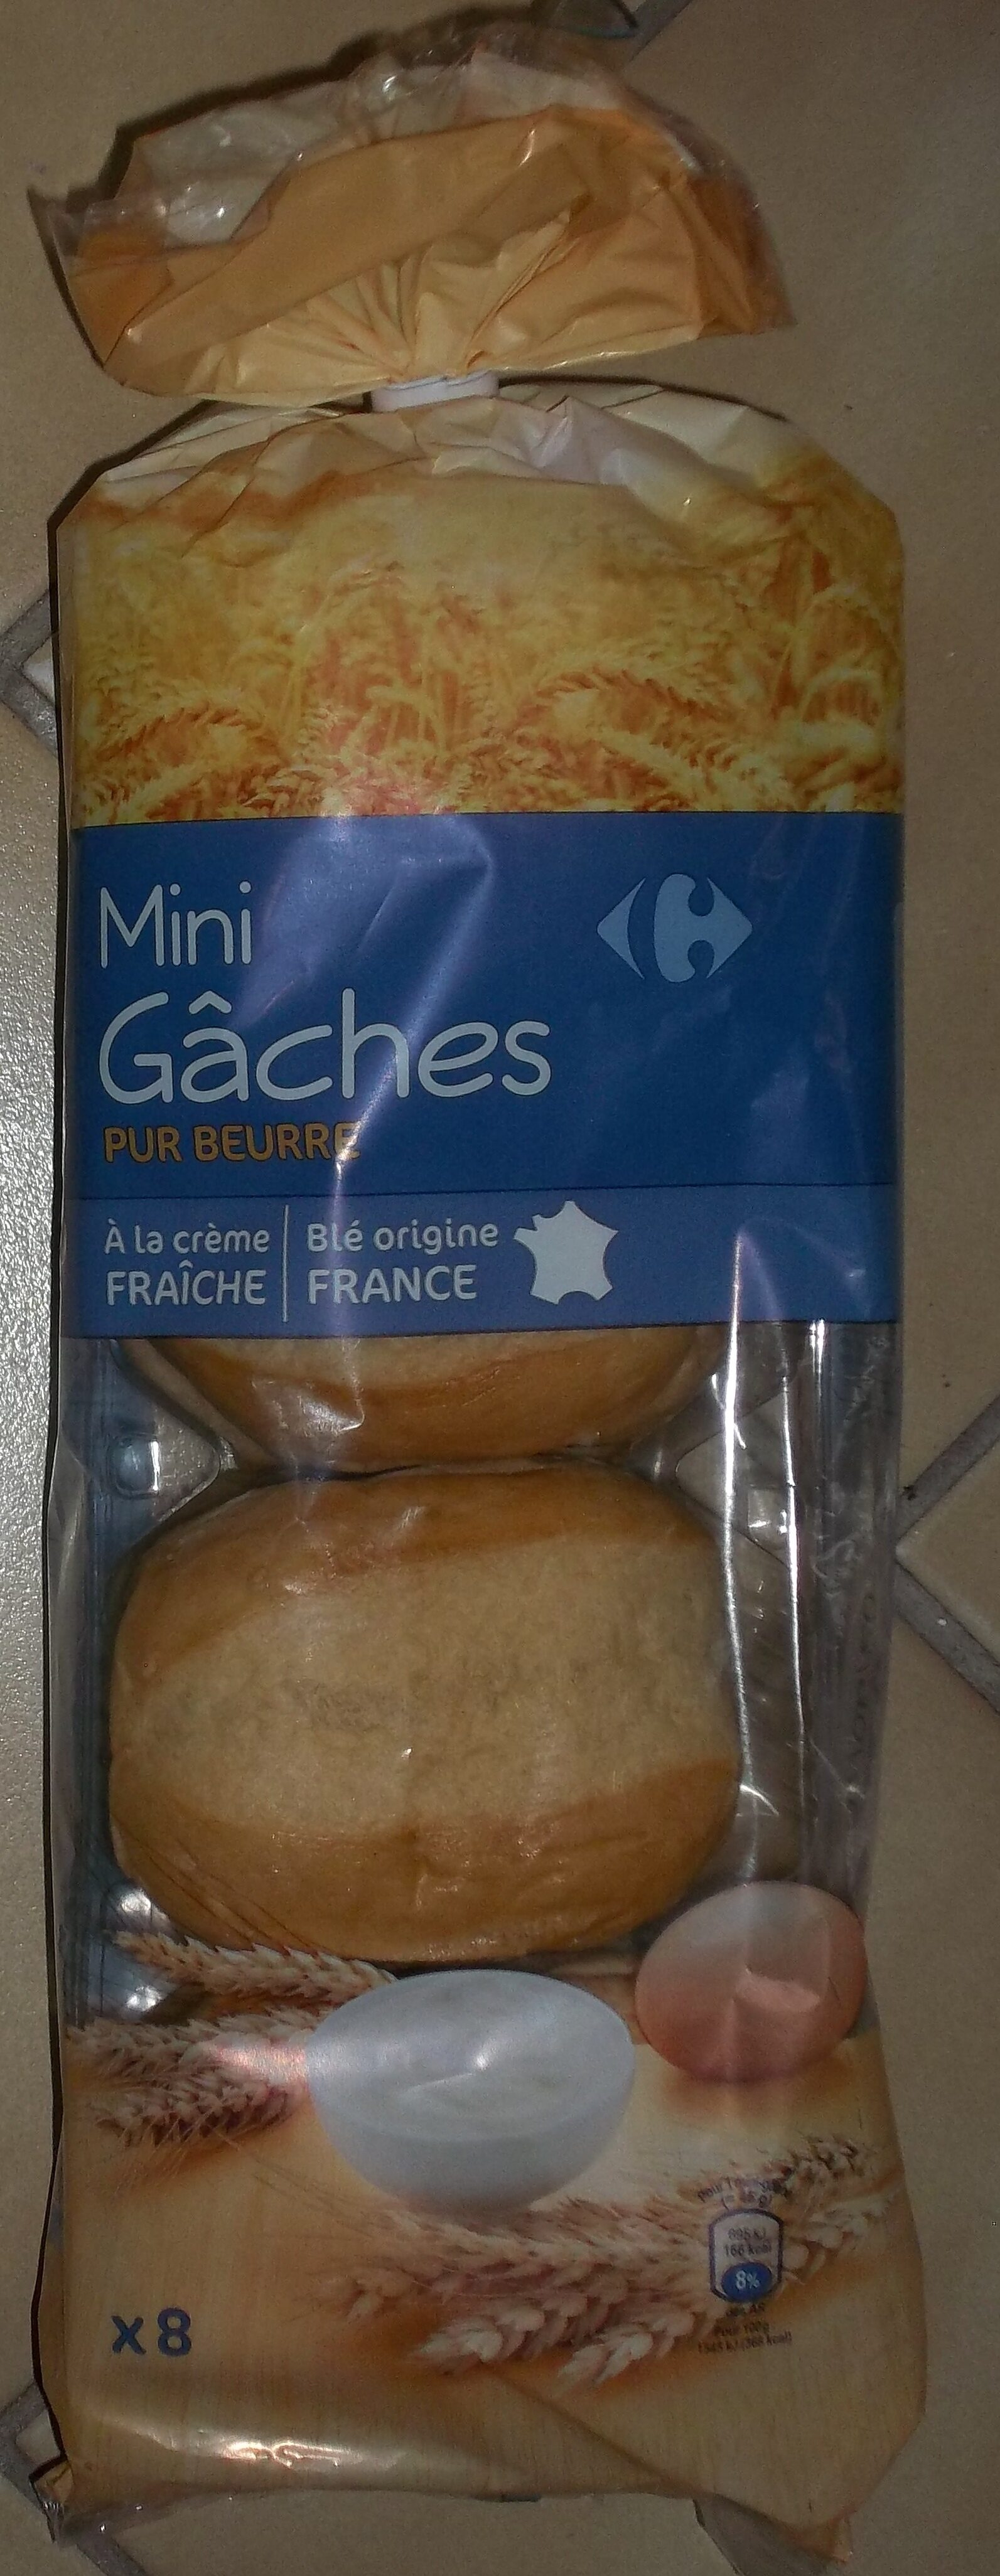 Mini Gâches pur beurre - Produit - fr